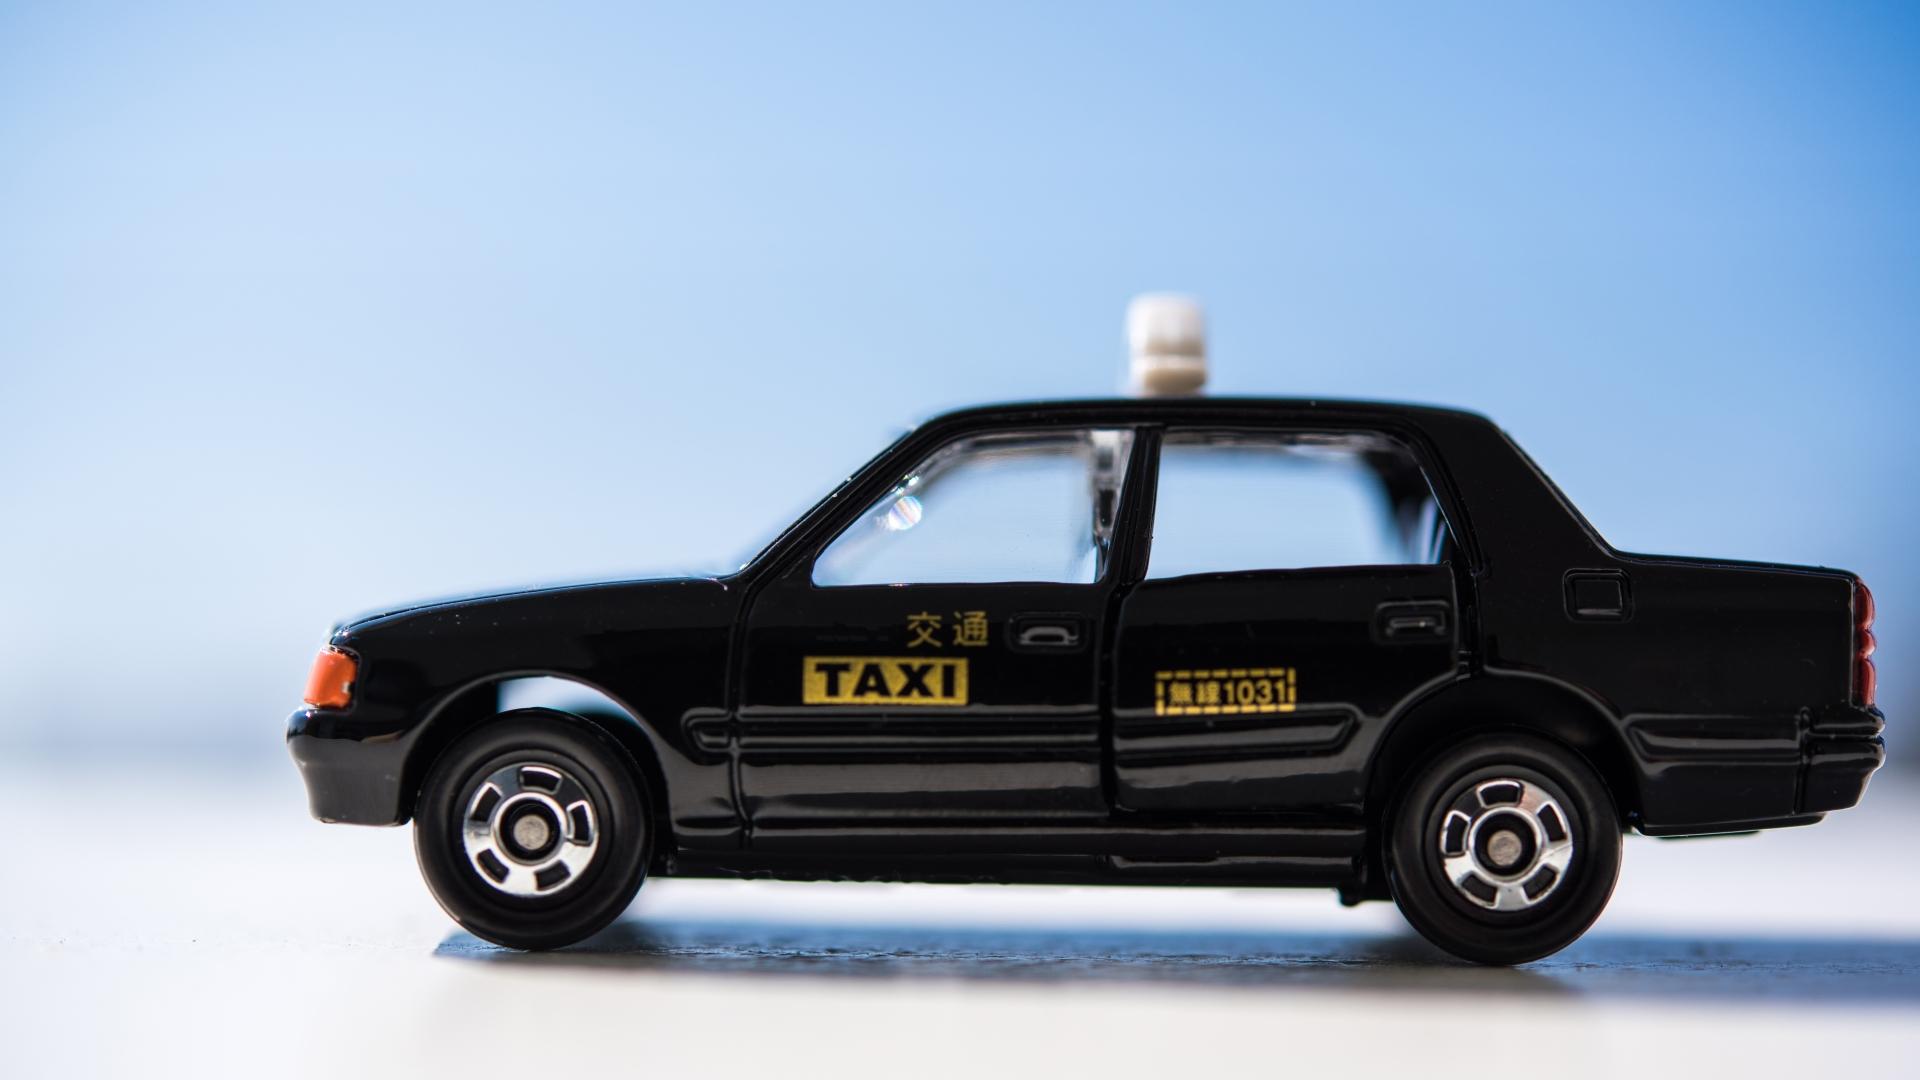 タクシー会社(一般乗用旅客自動車運送業)のM&A